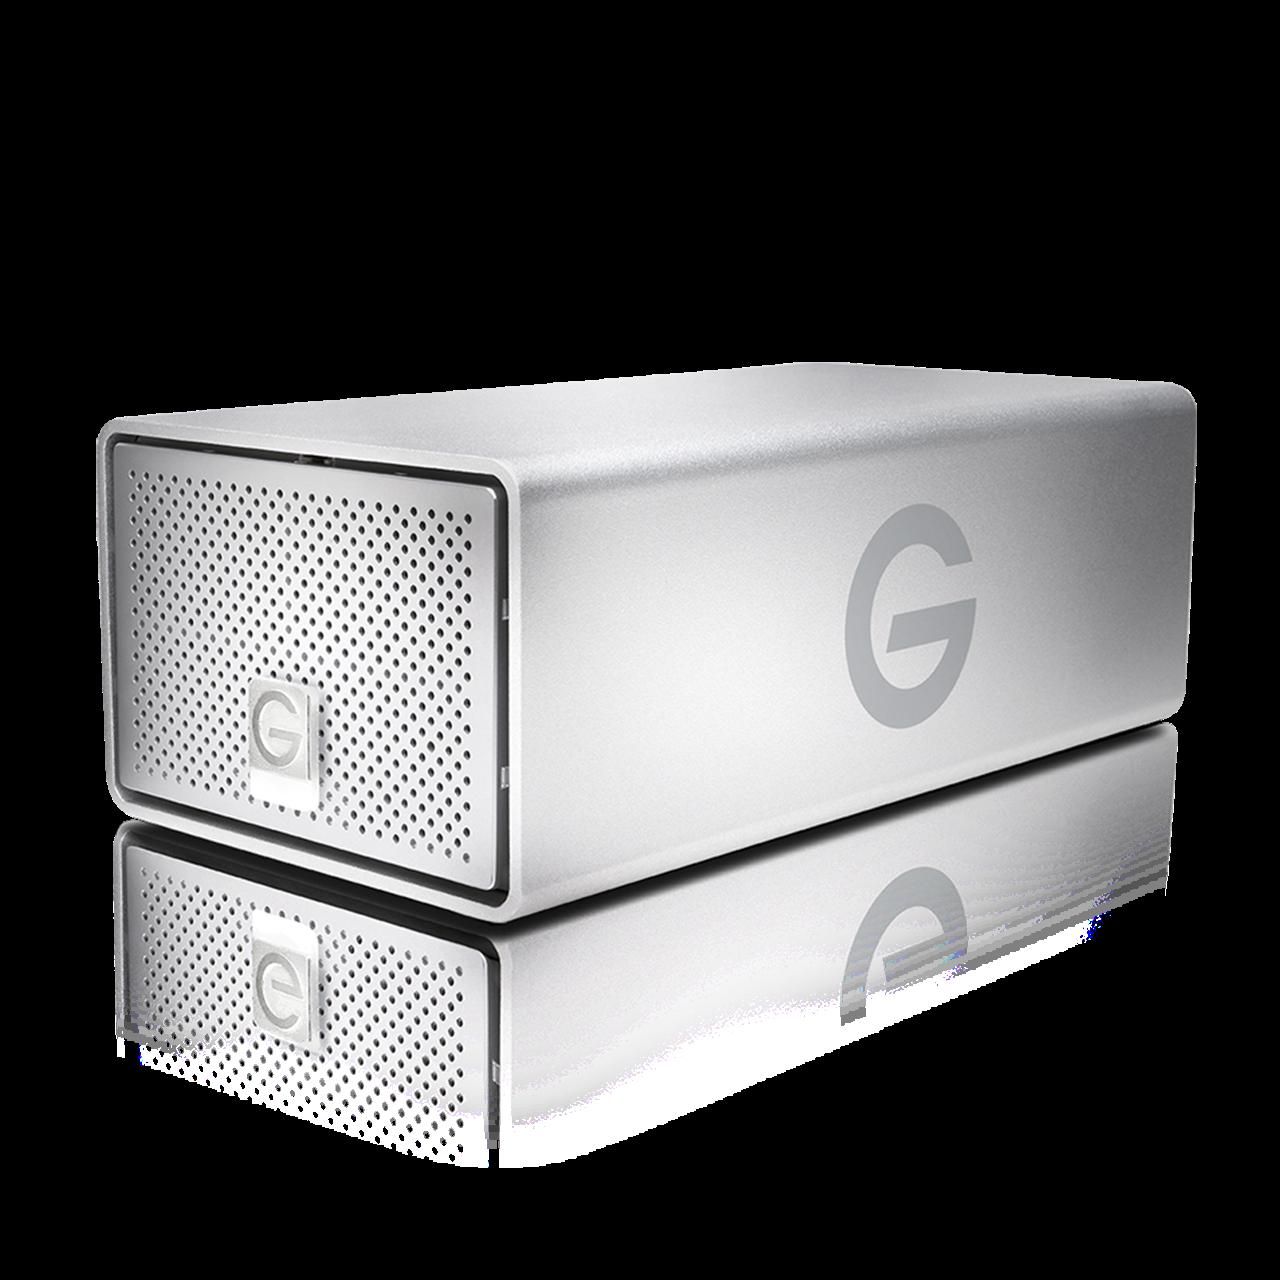 hard drive sales g-tech g-technology g-drives